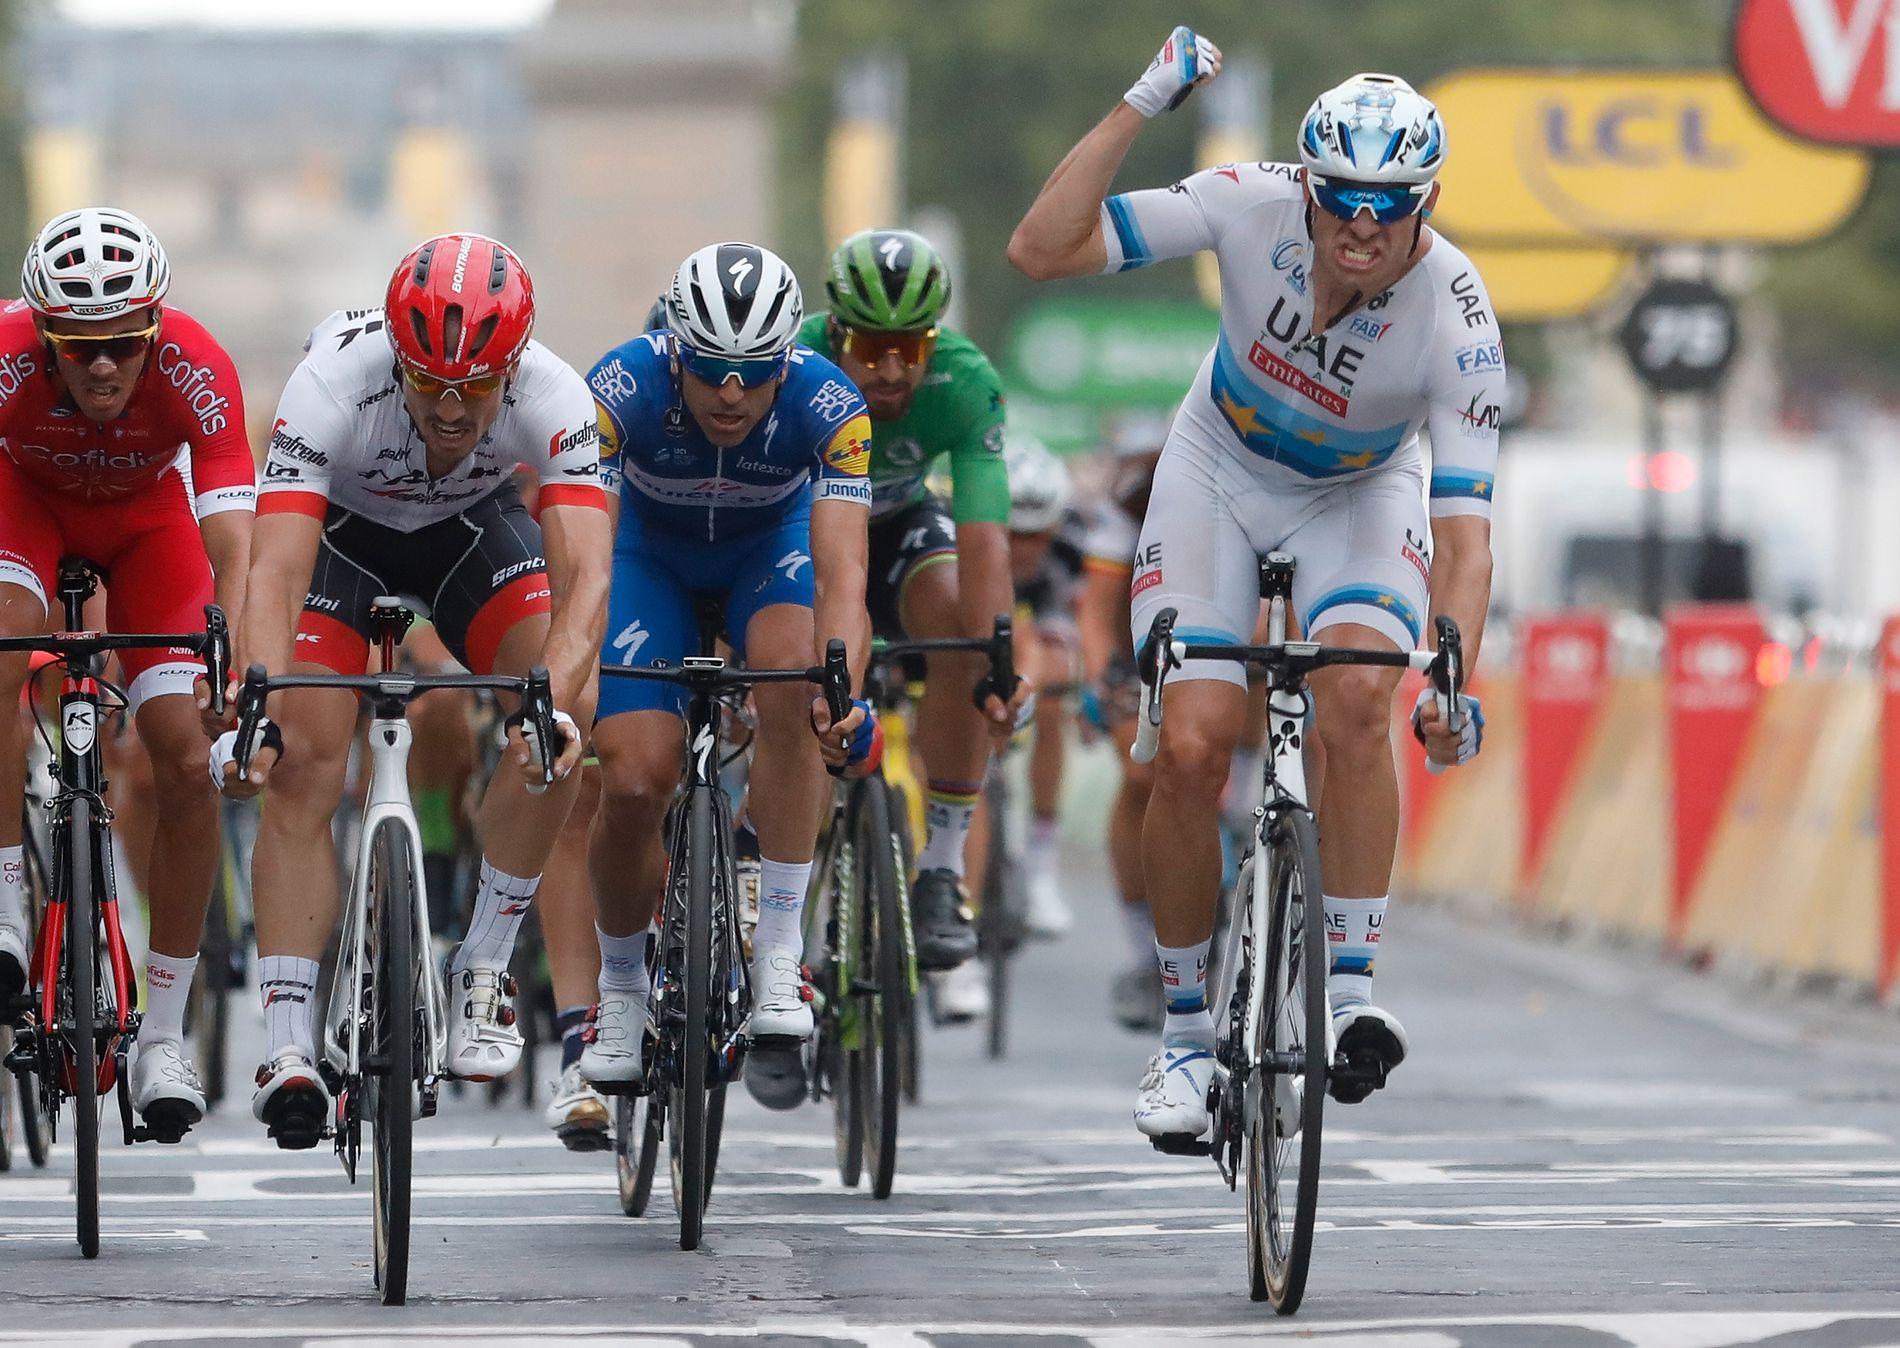 ENDELIG: Etter en lang hard Tour klarte endelig Alexander Kristoff å krysse målstreken først, på den gjeveste etappen av de alle.